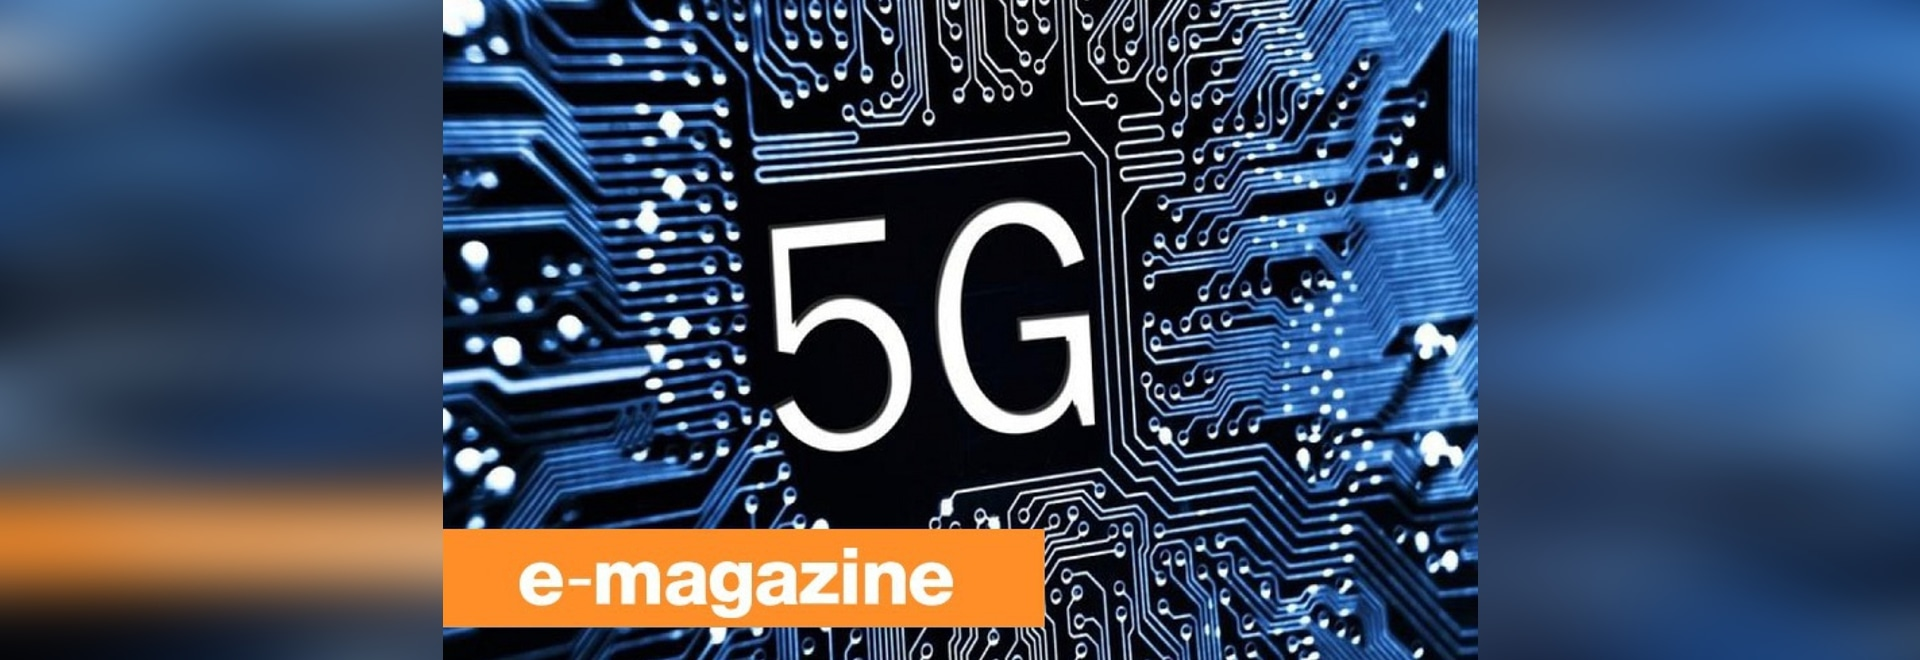 El estándar 5G está sacando